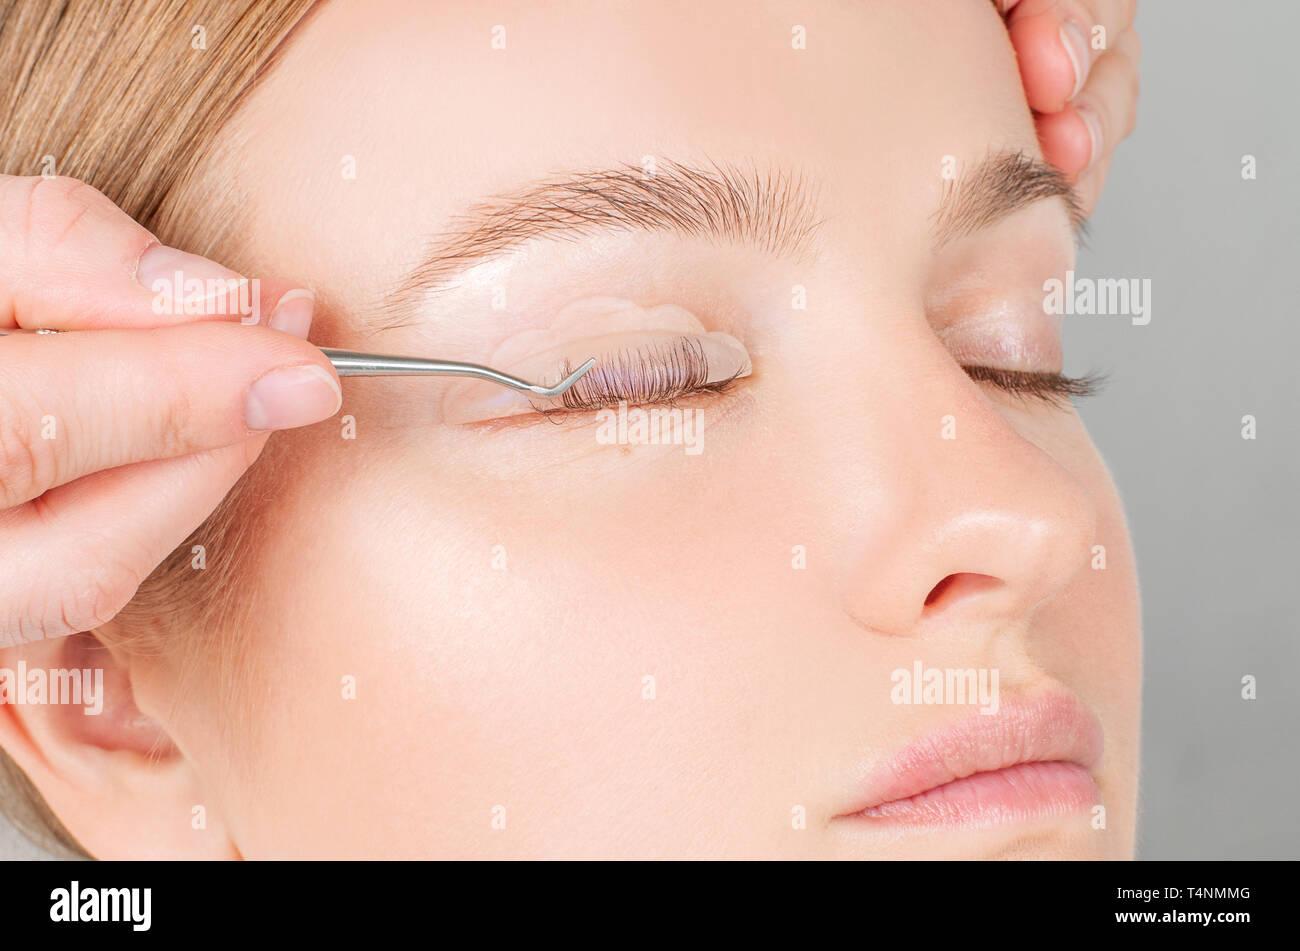 Wimpern Pflege Verfahren. Frau tun, Laminierung, Wimpern färben, Curling, Laminieren und Erweiterung für die Wimpern. Stockbild